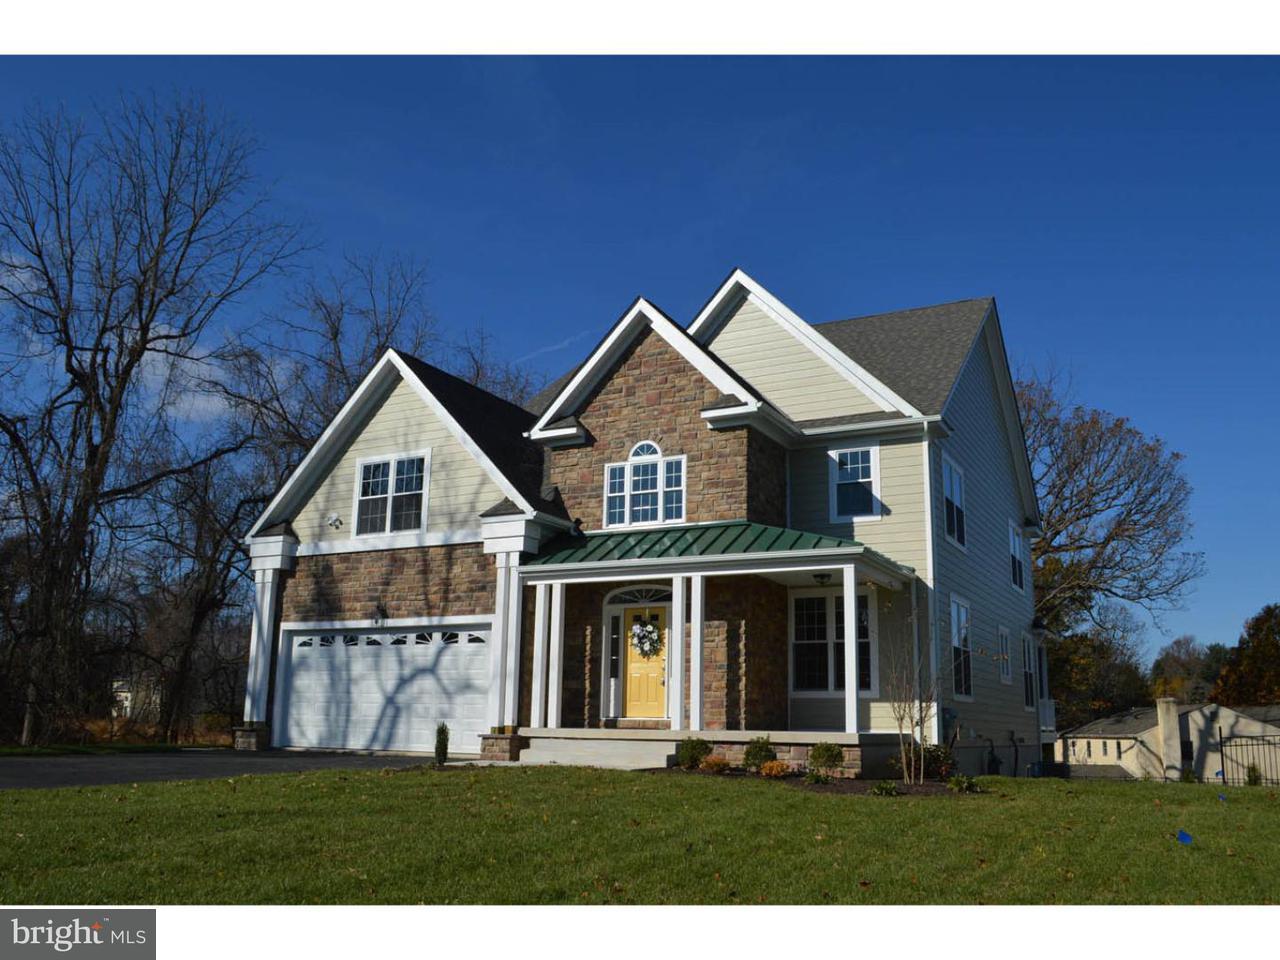 独户住宅 为 销售 在 109 FOX HOLLOW Lane Broomall, 宾夕法尼亚州 19008 美国